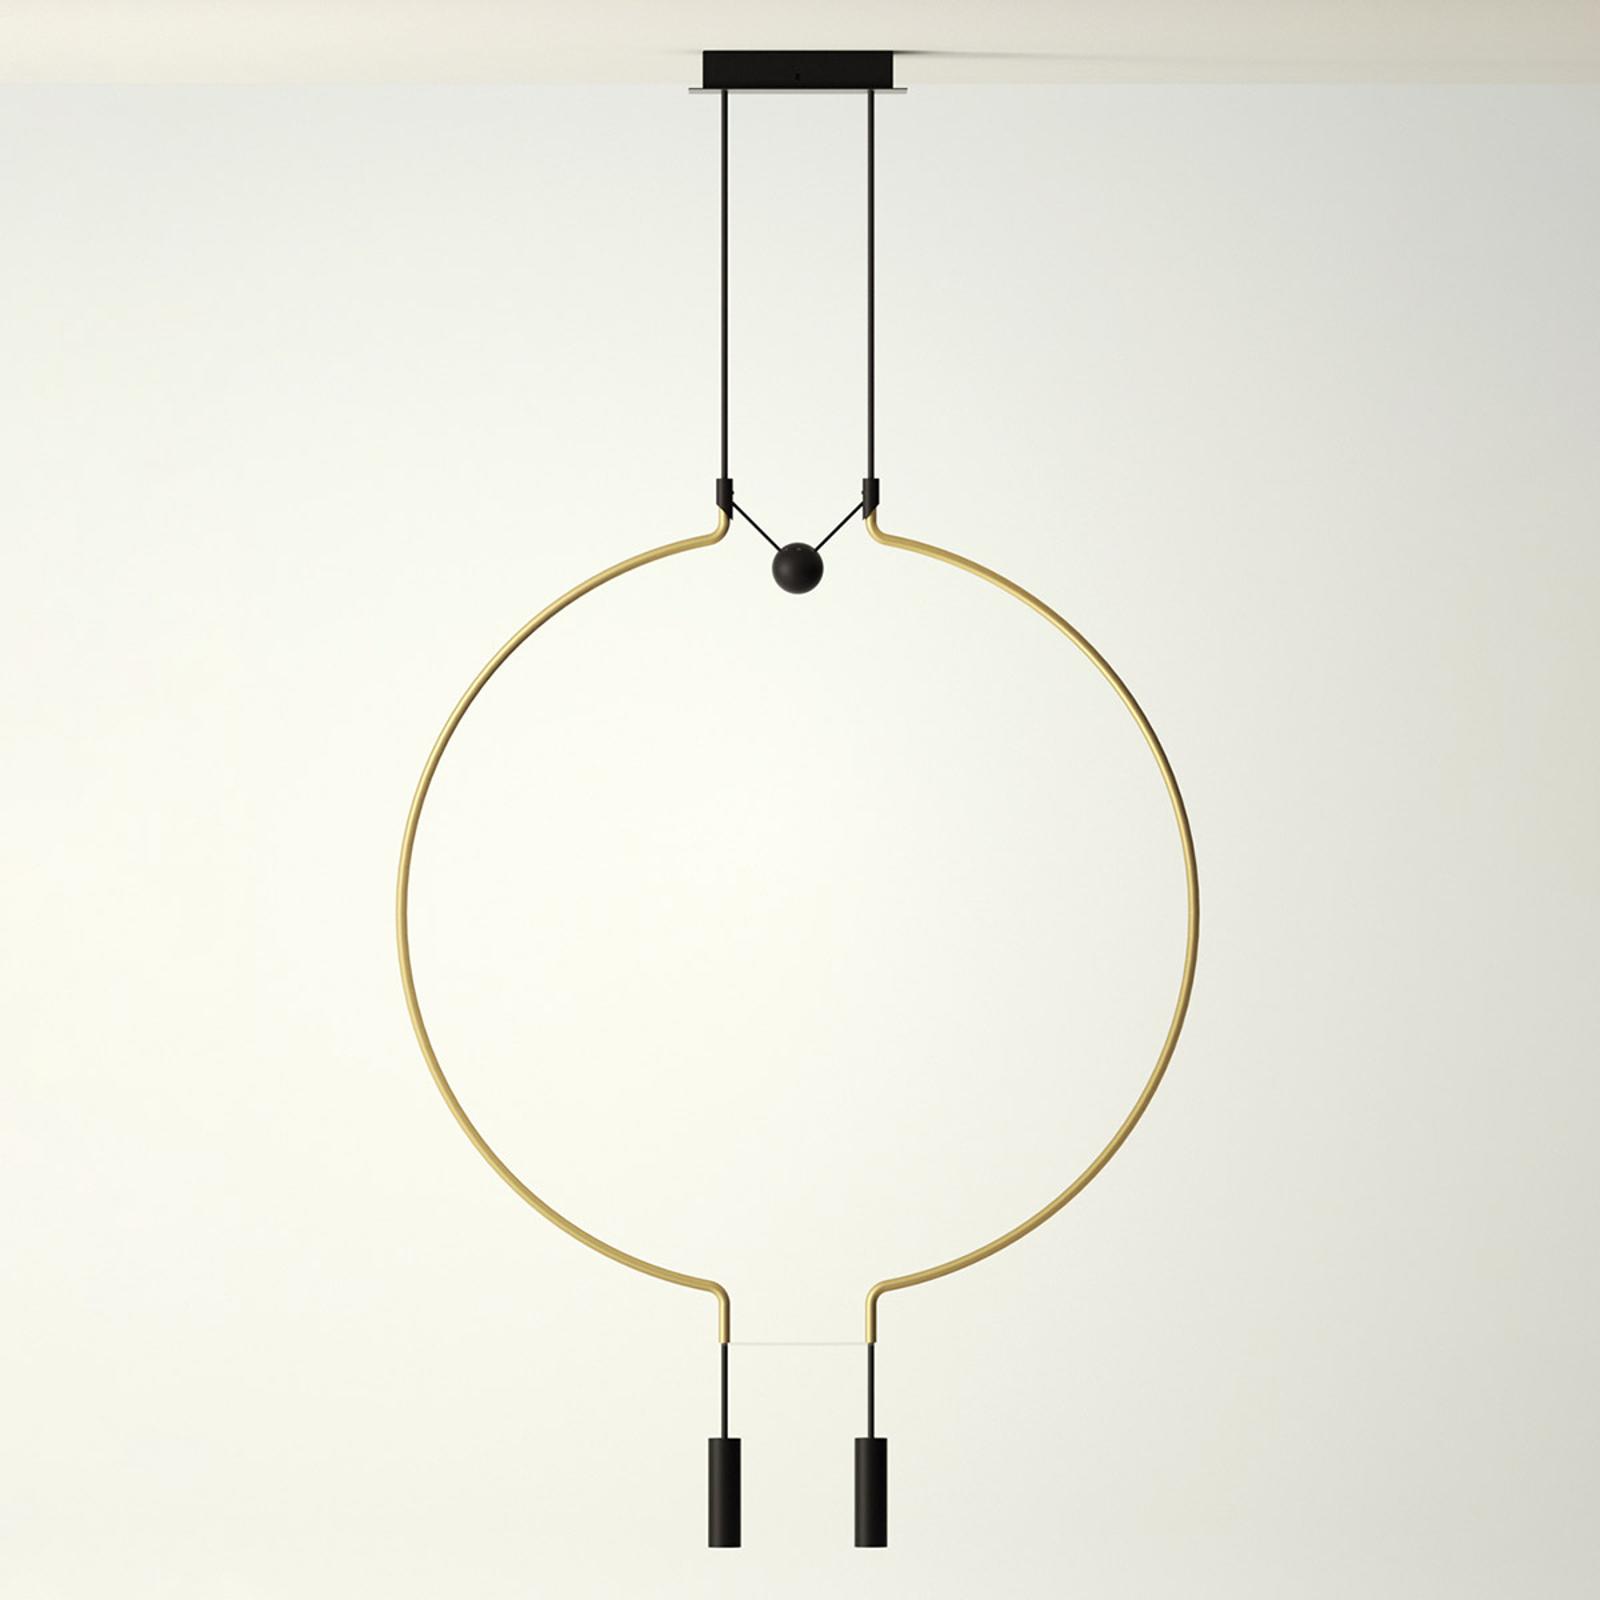 Axolight Liaison P2/M2 lámpara colgante oro/negro